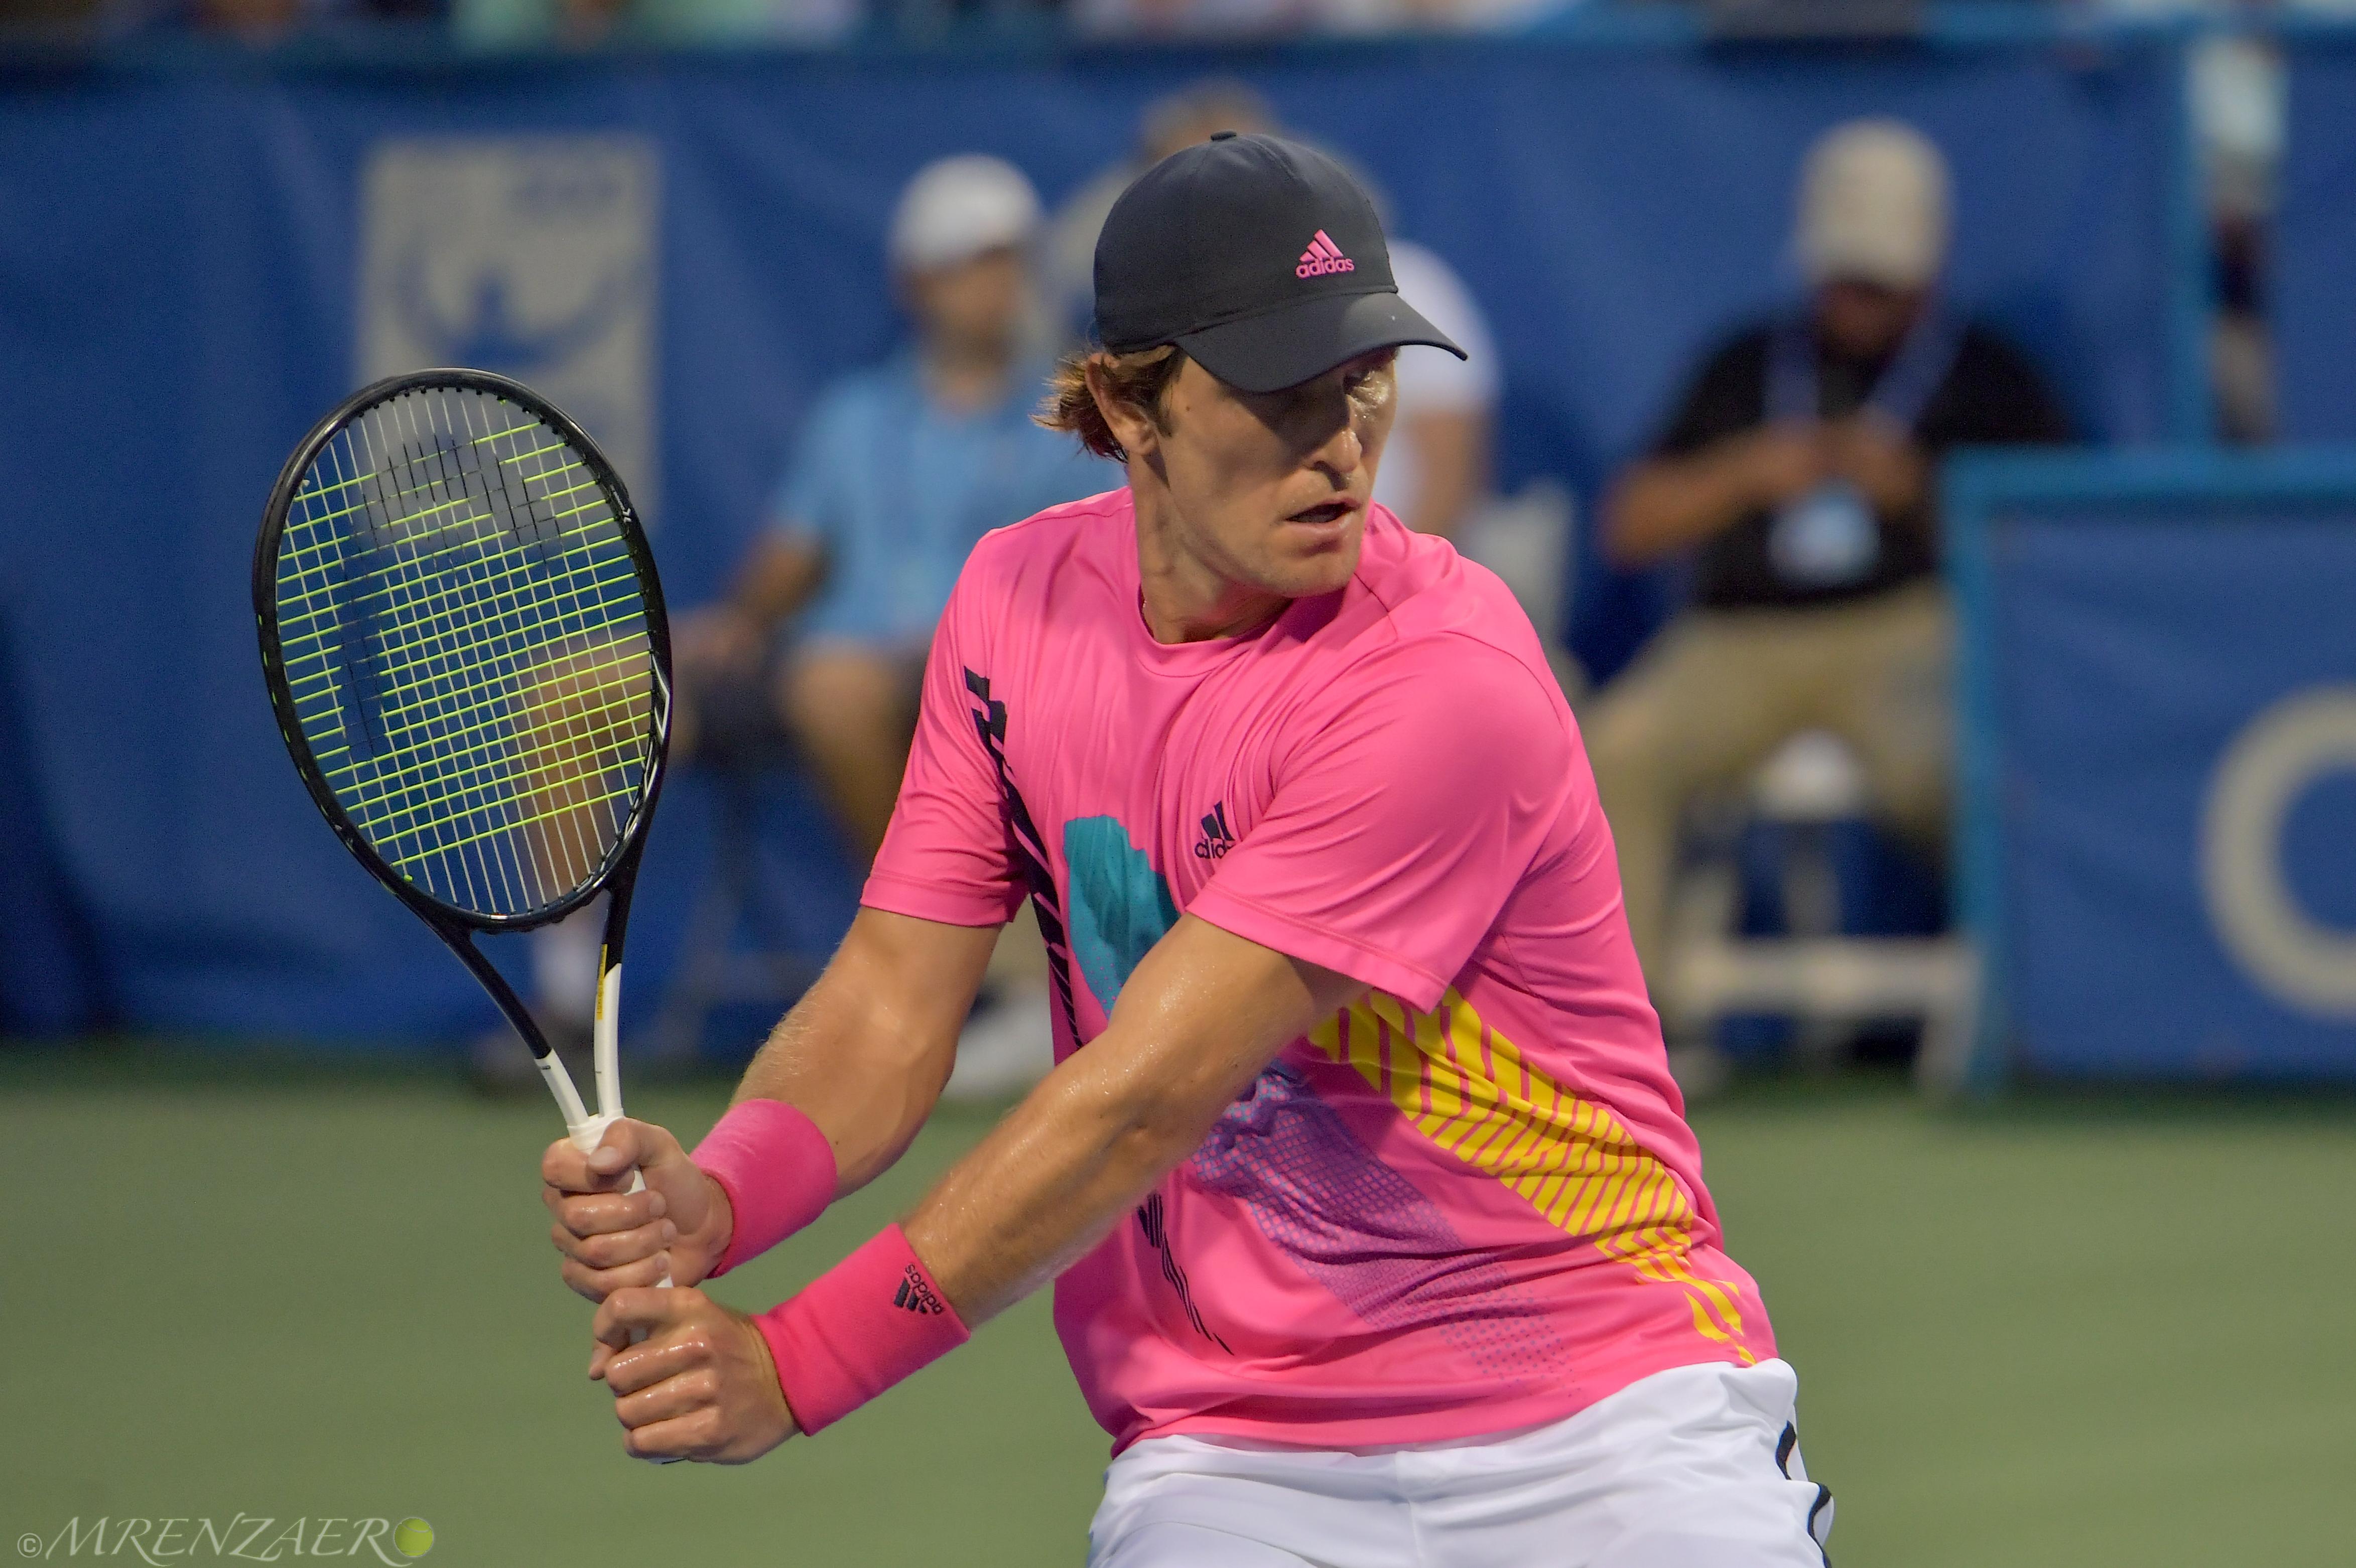 Mischa Zverev, 2018 Citi Open (Photo: Mike Renz for Tennis Atlantic)